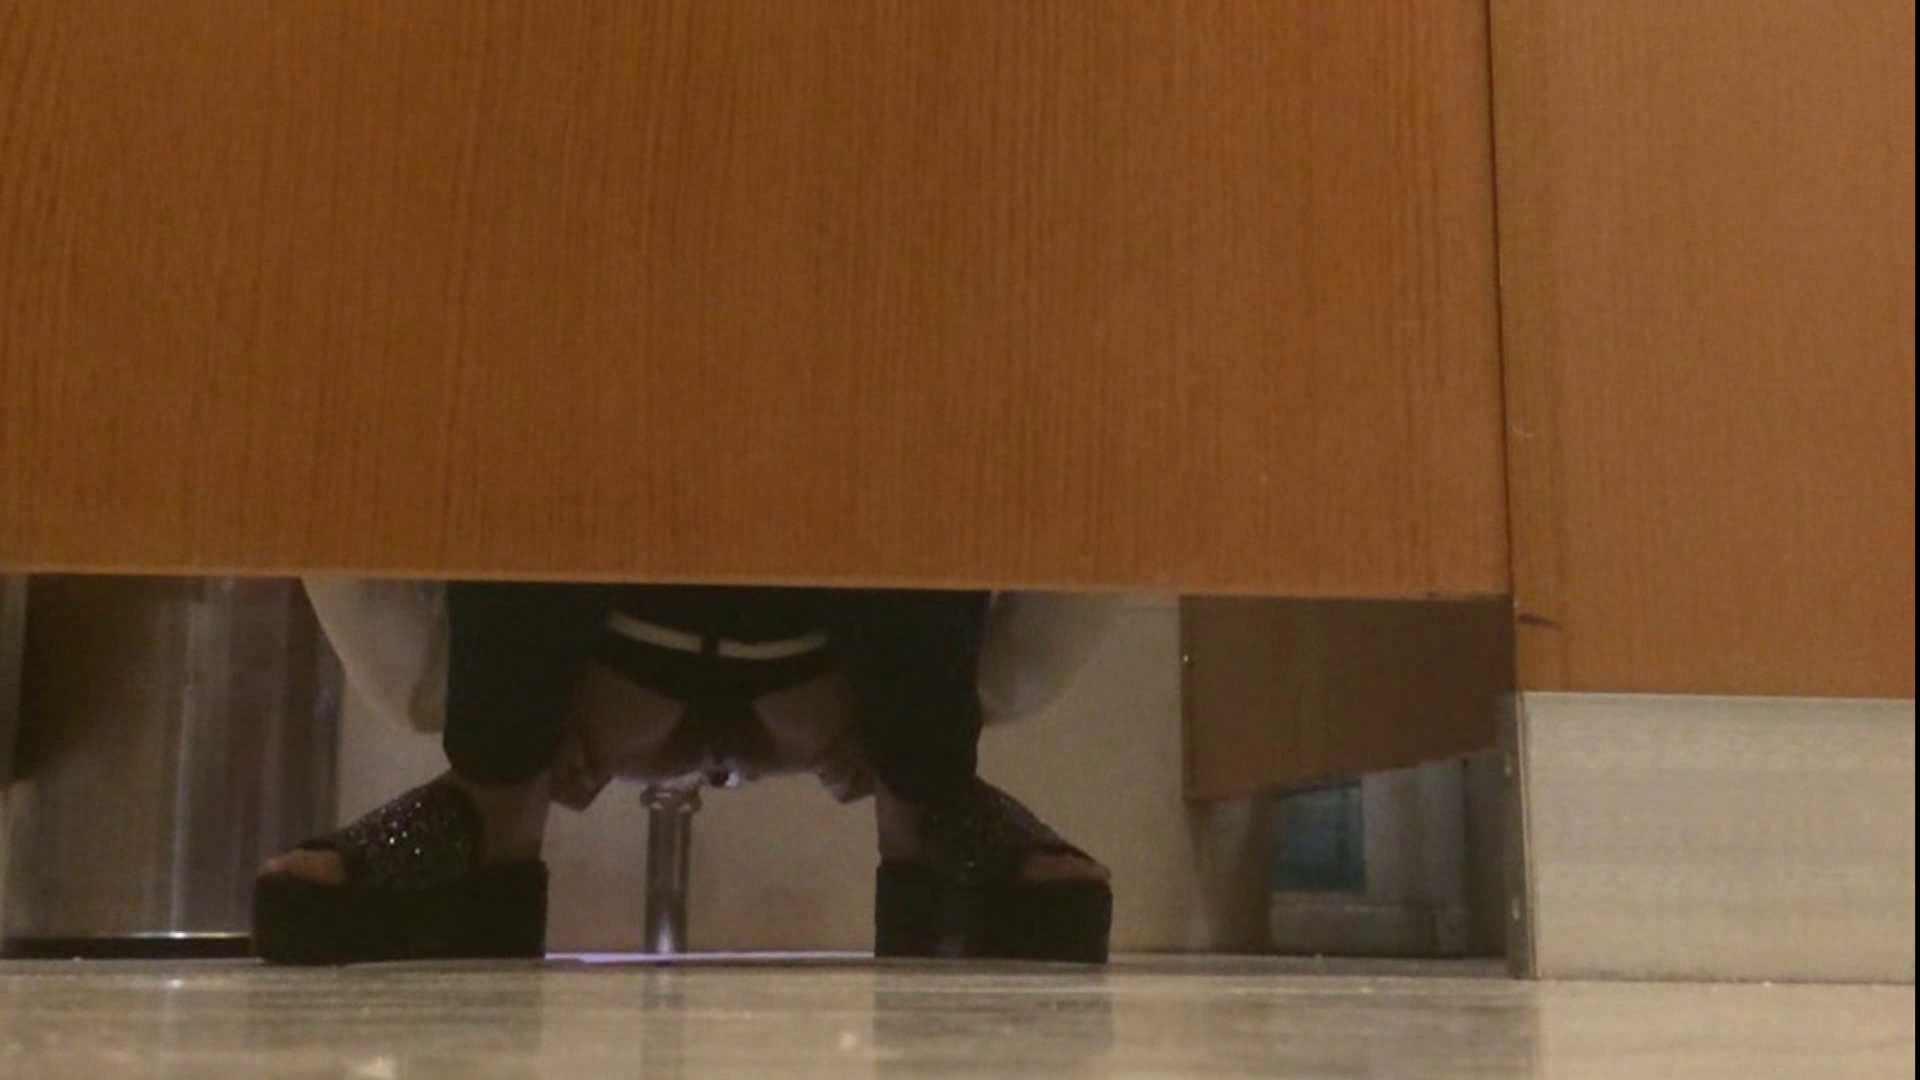 隣国化粧室下から御免!! No.14 美女 セックス無修正動画無料 107画像 47